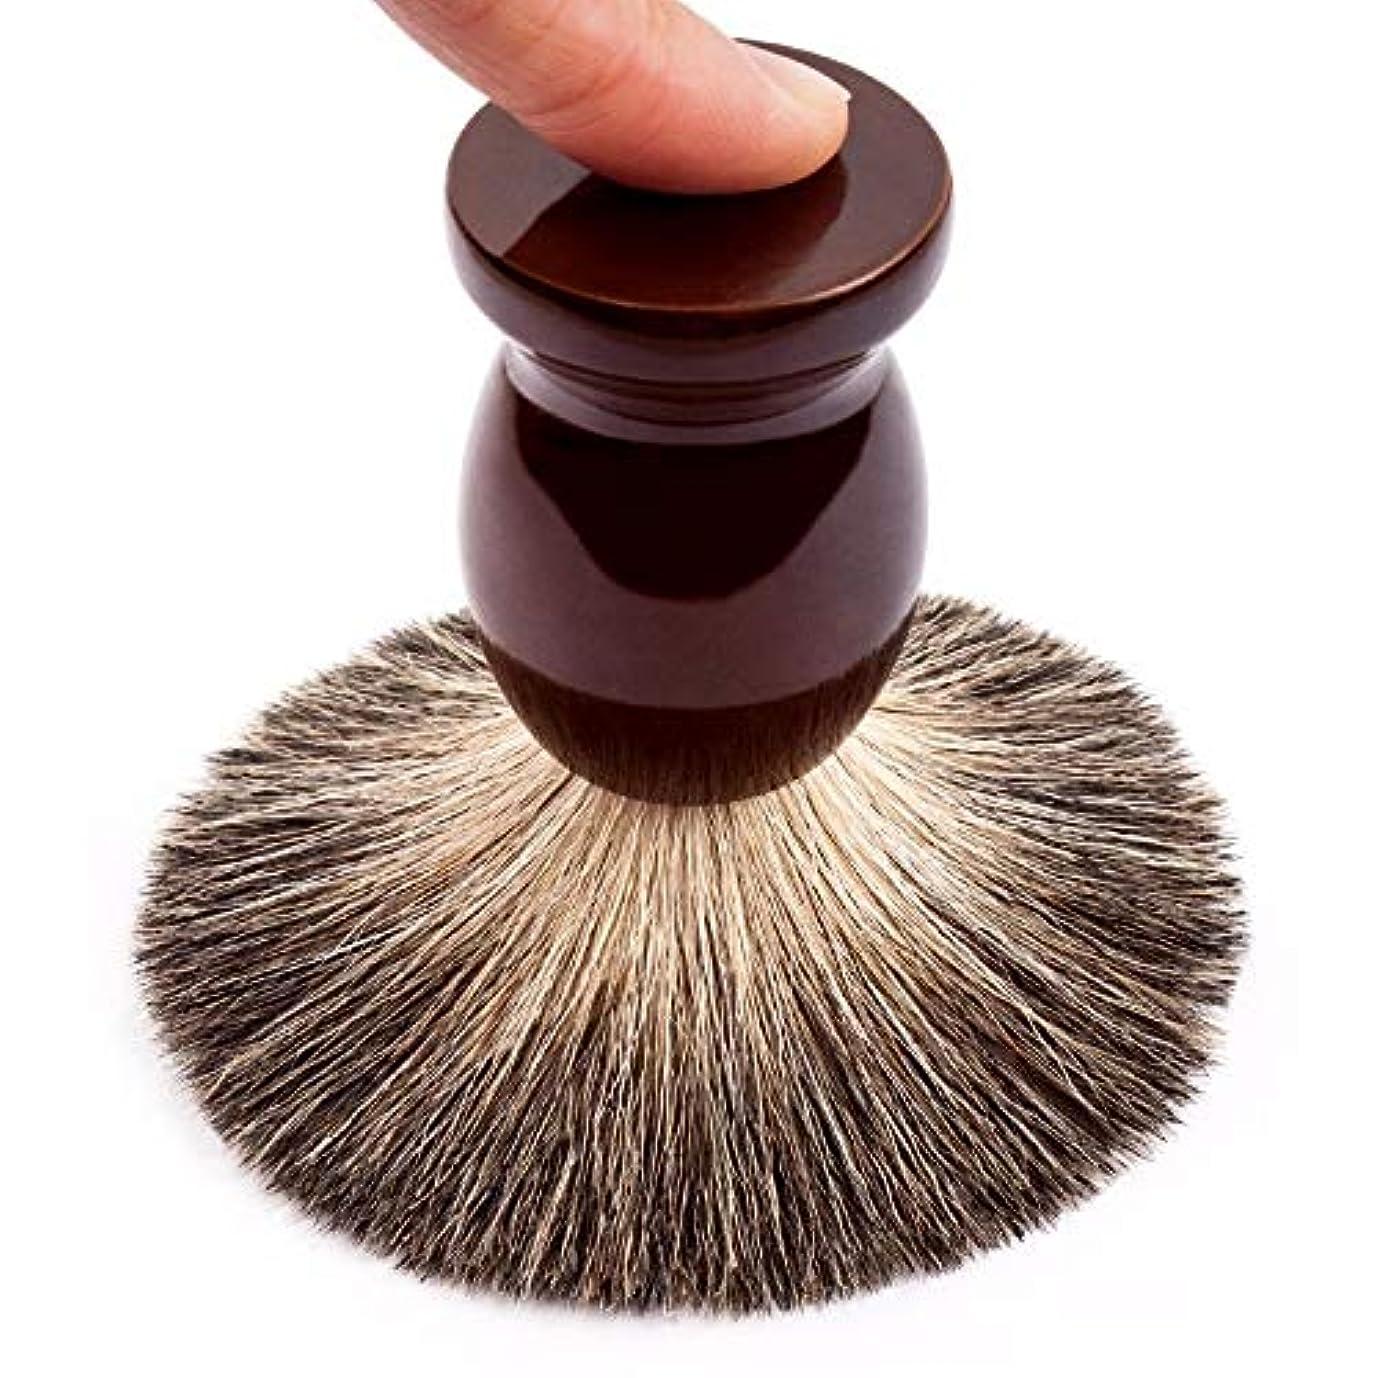 腸甘味敵MEI1JIA マンピュアアナグマ毛シェービングブラシ、サイズ:9.9センチメートルX 4.6センチメートル